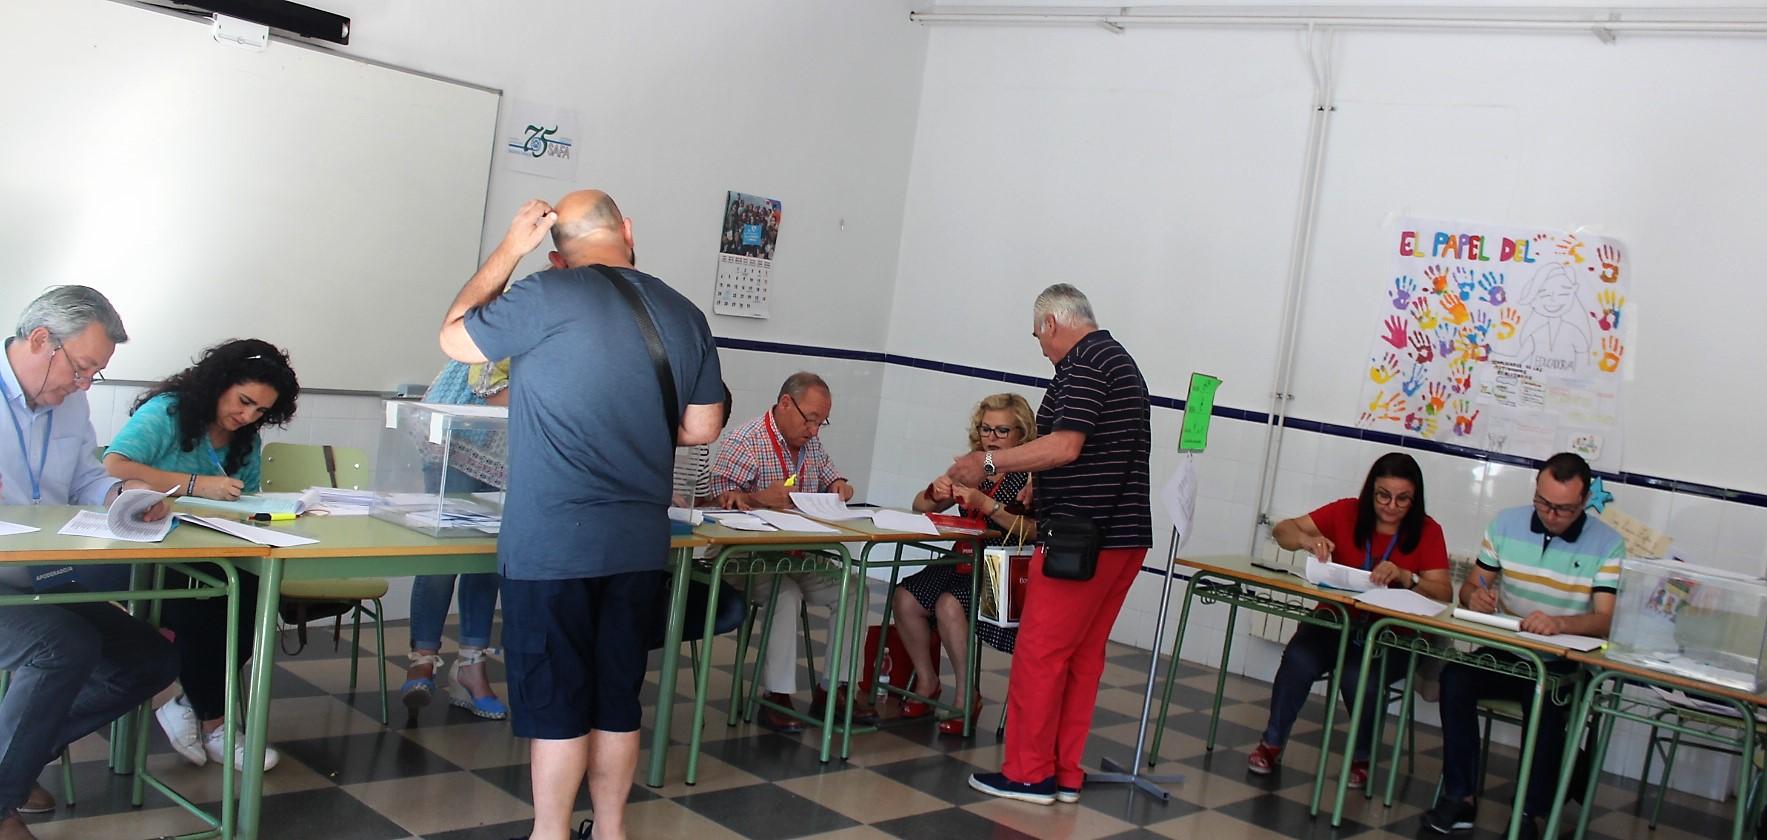 La jornada electoral está transcurriendo con normalidad en Andújar en una mañana radiante